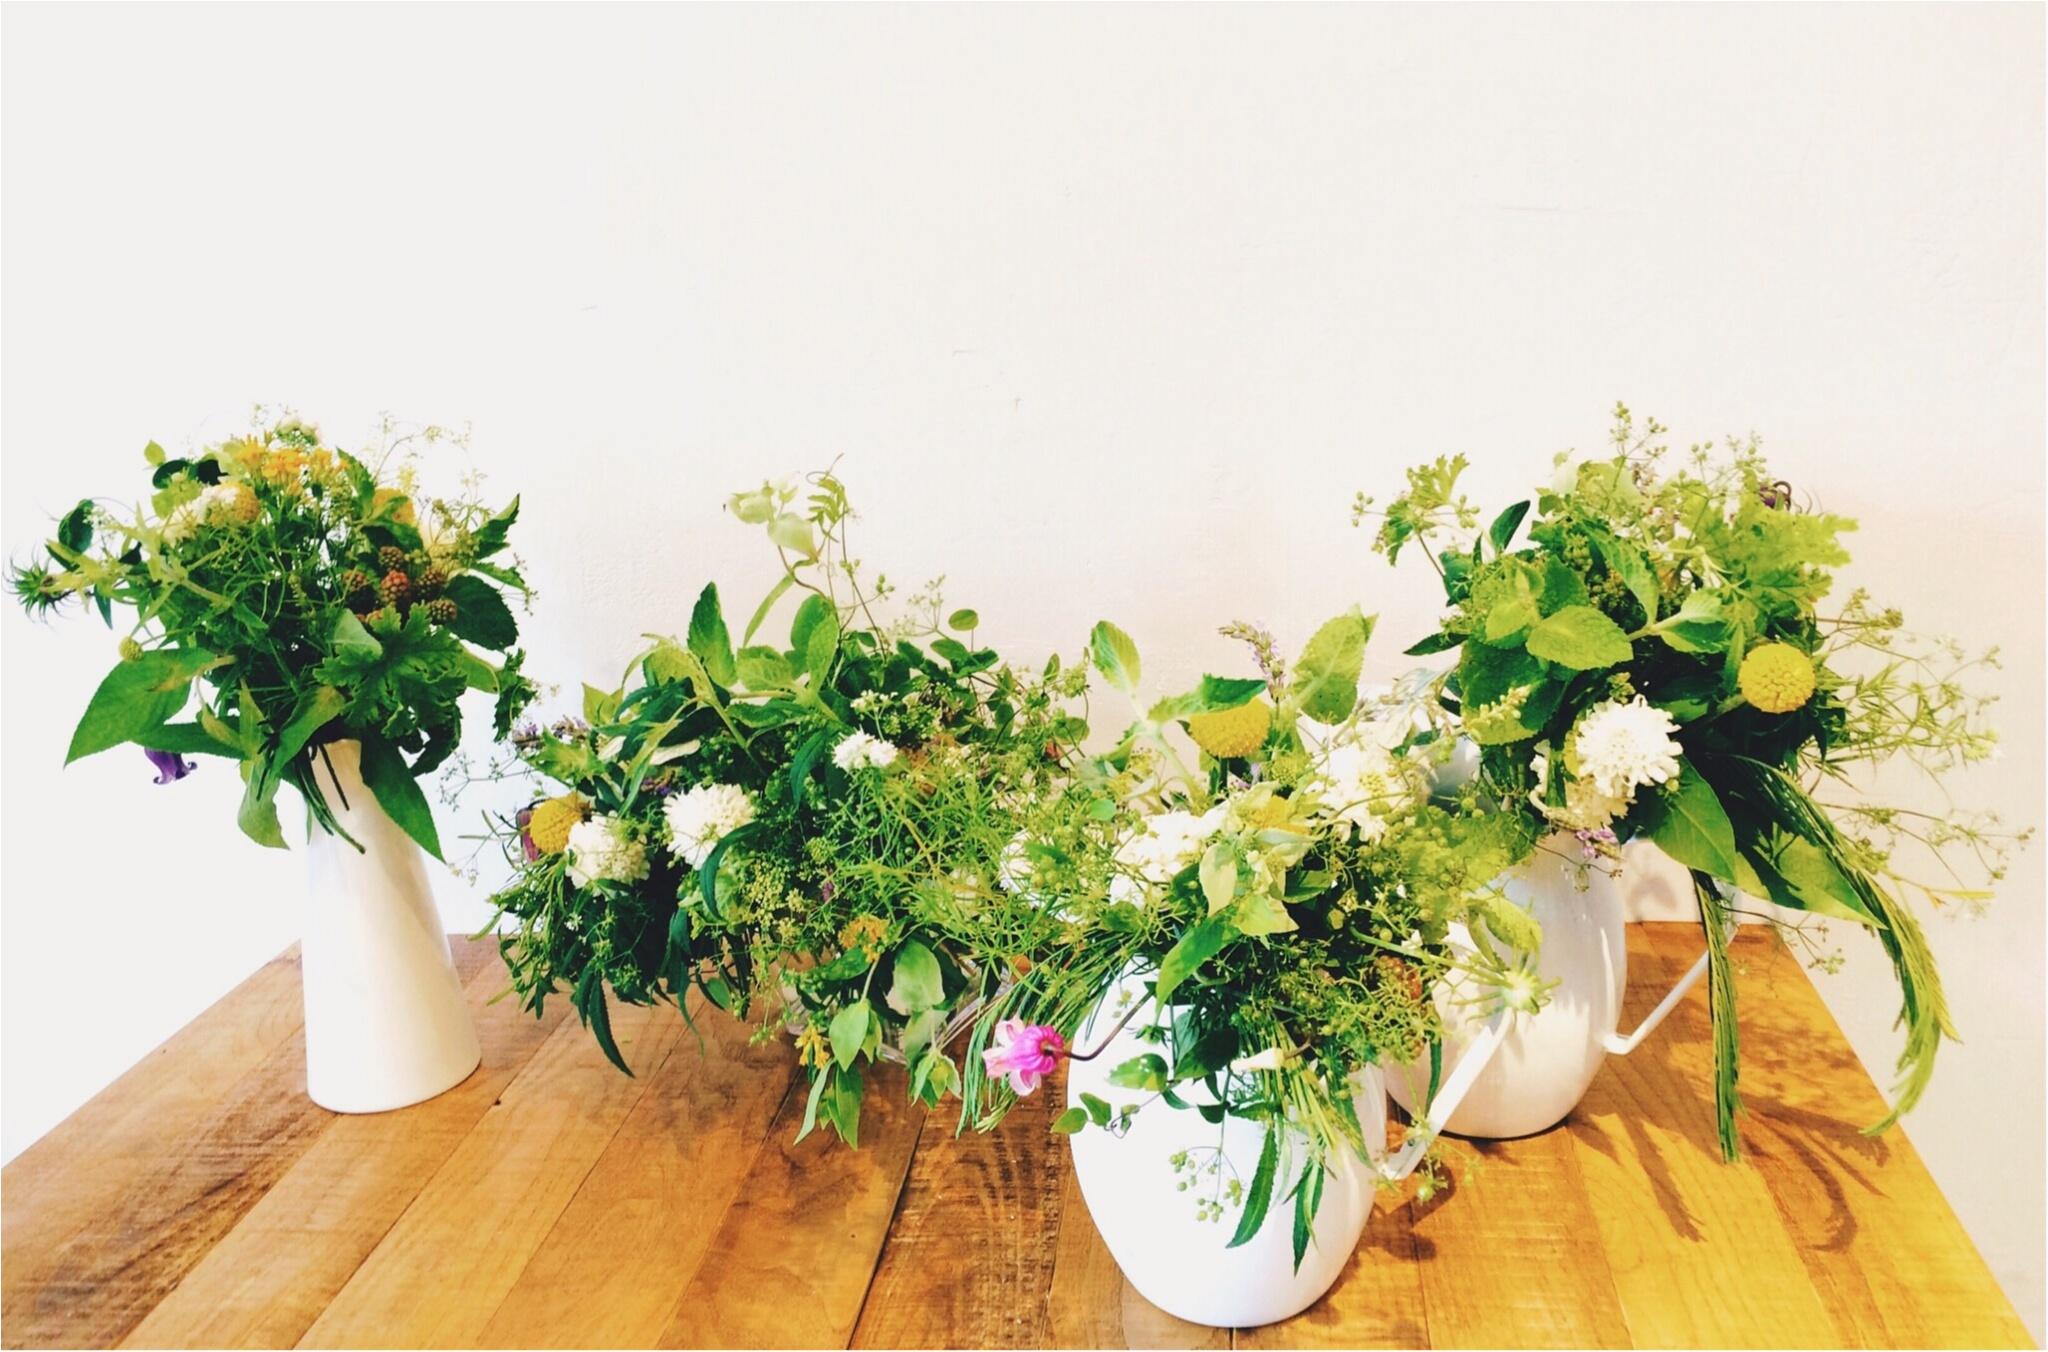 【*お花と珈琲時間な休日*】~食卓花のワークショップ~_10